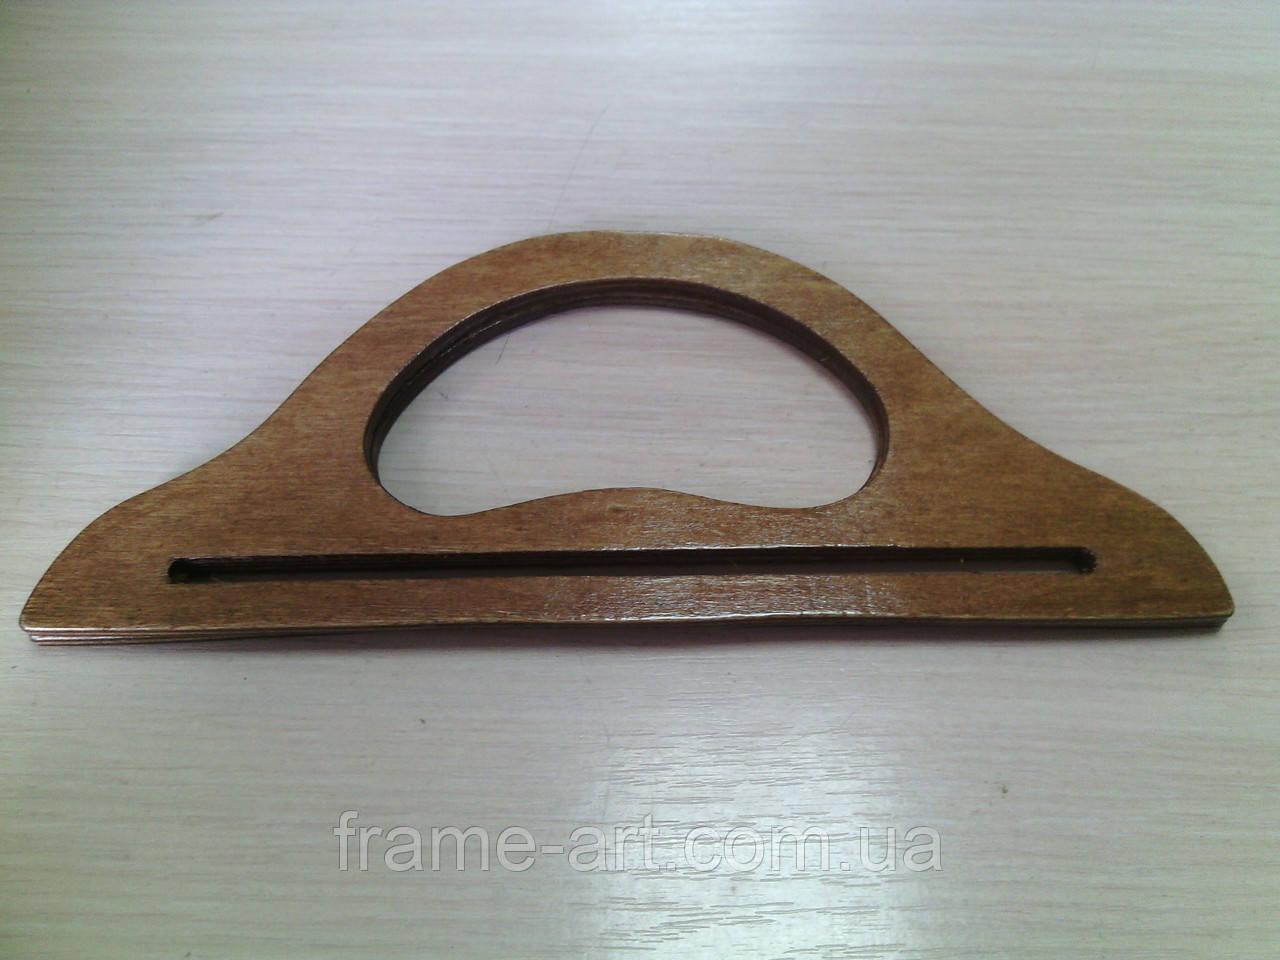 Ручка дерев'яна для сумки 26,8 см коричнева РЧ9